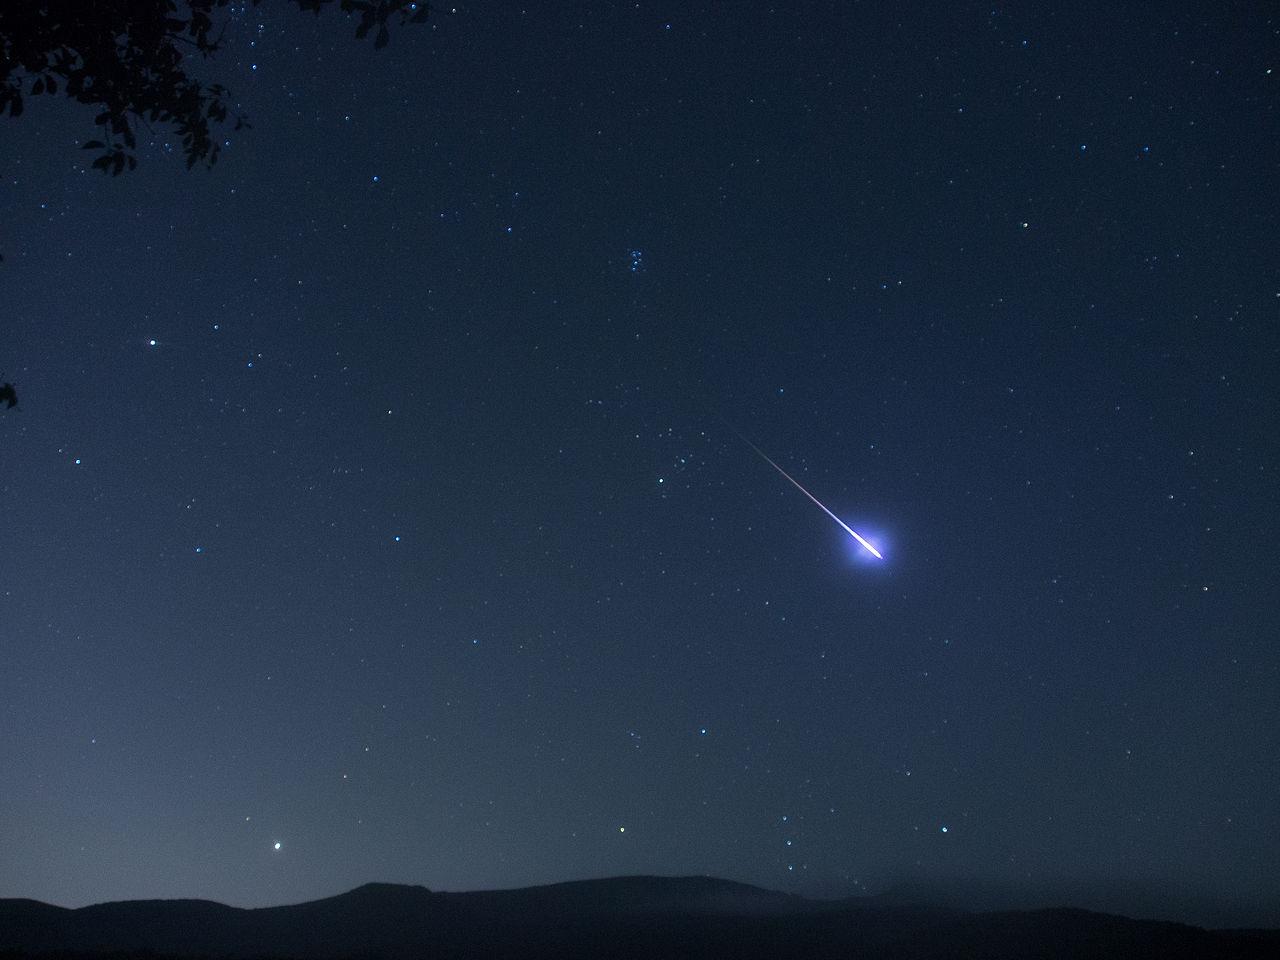 Una meteora , o comunemente stella cadente , catturata in uno scatto fotografico.